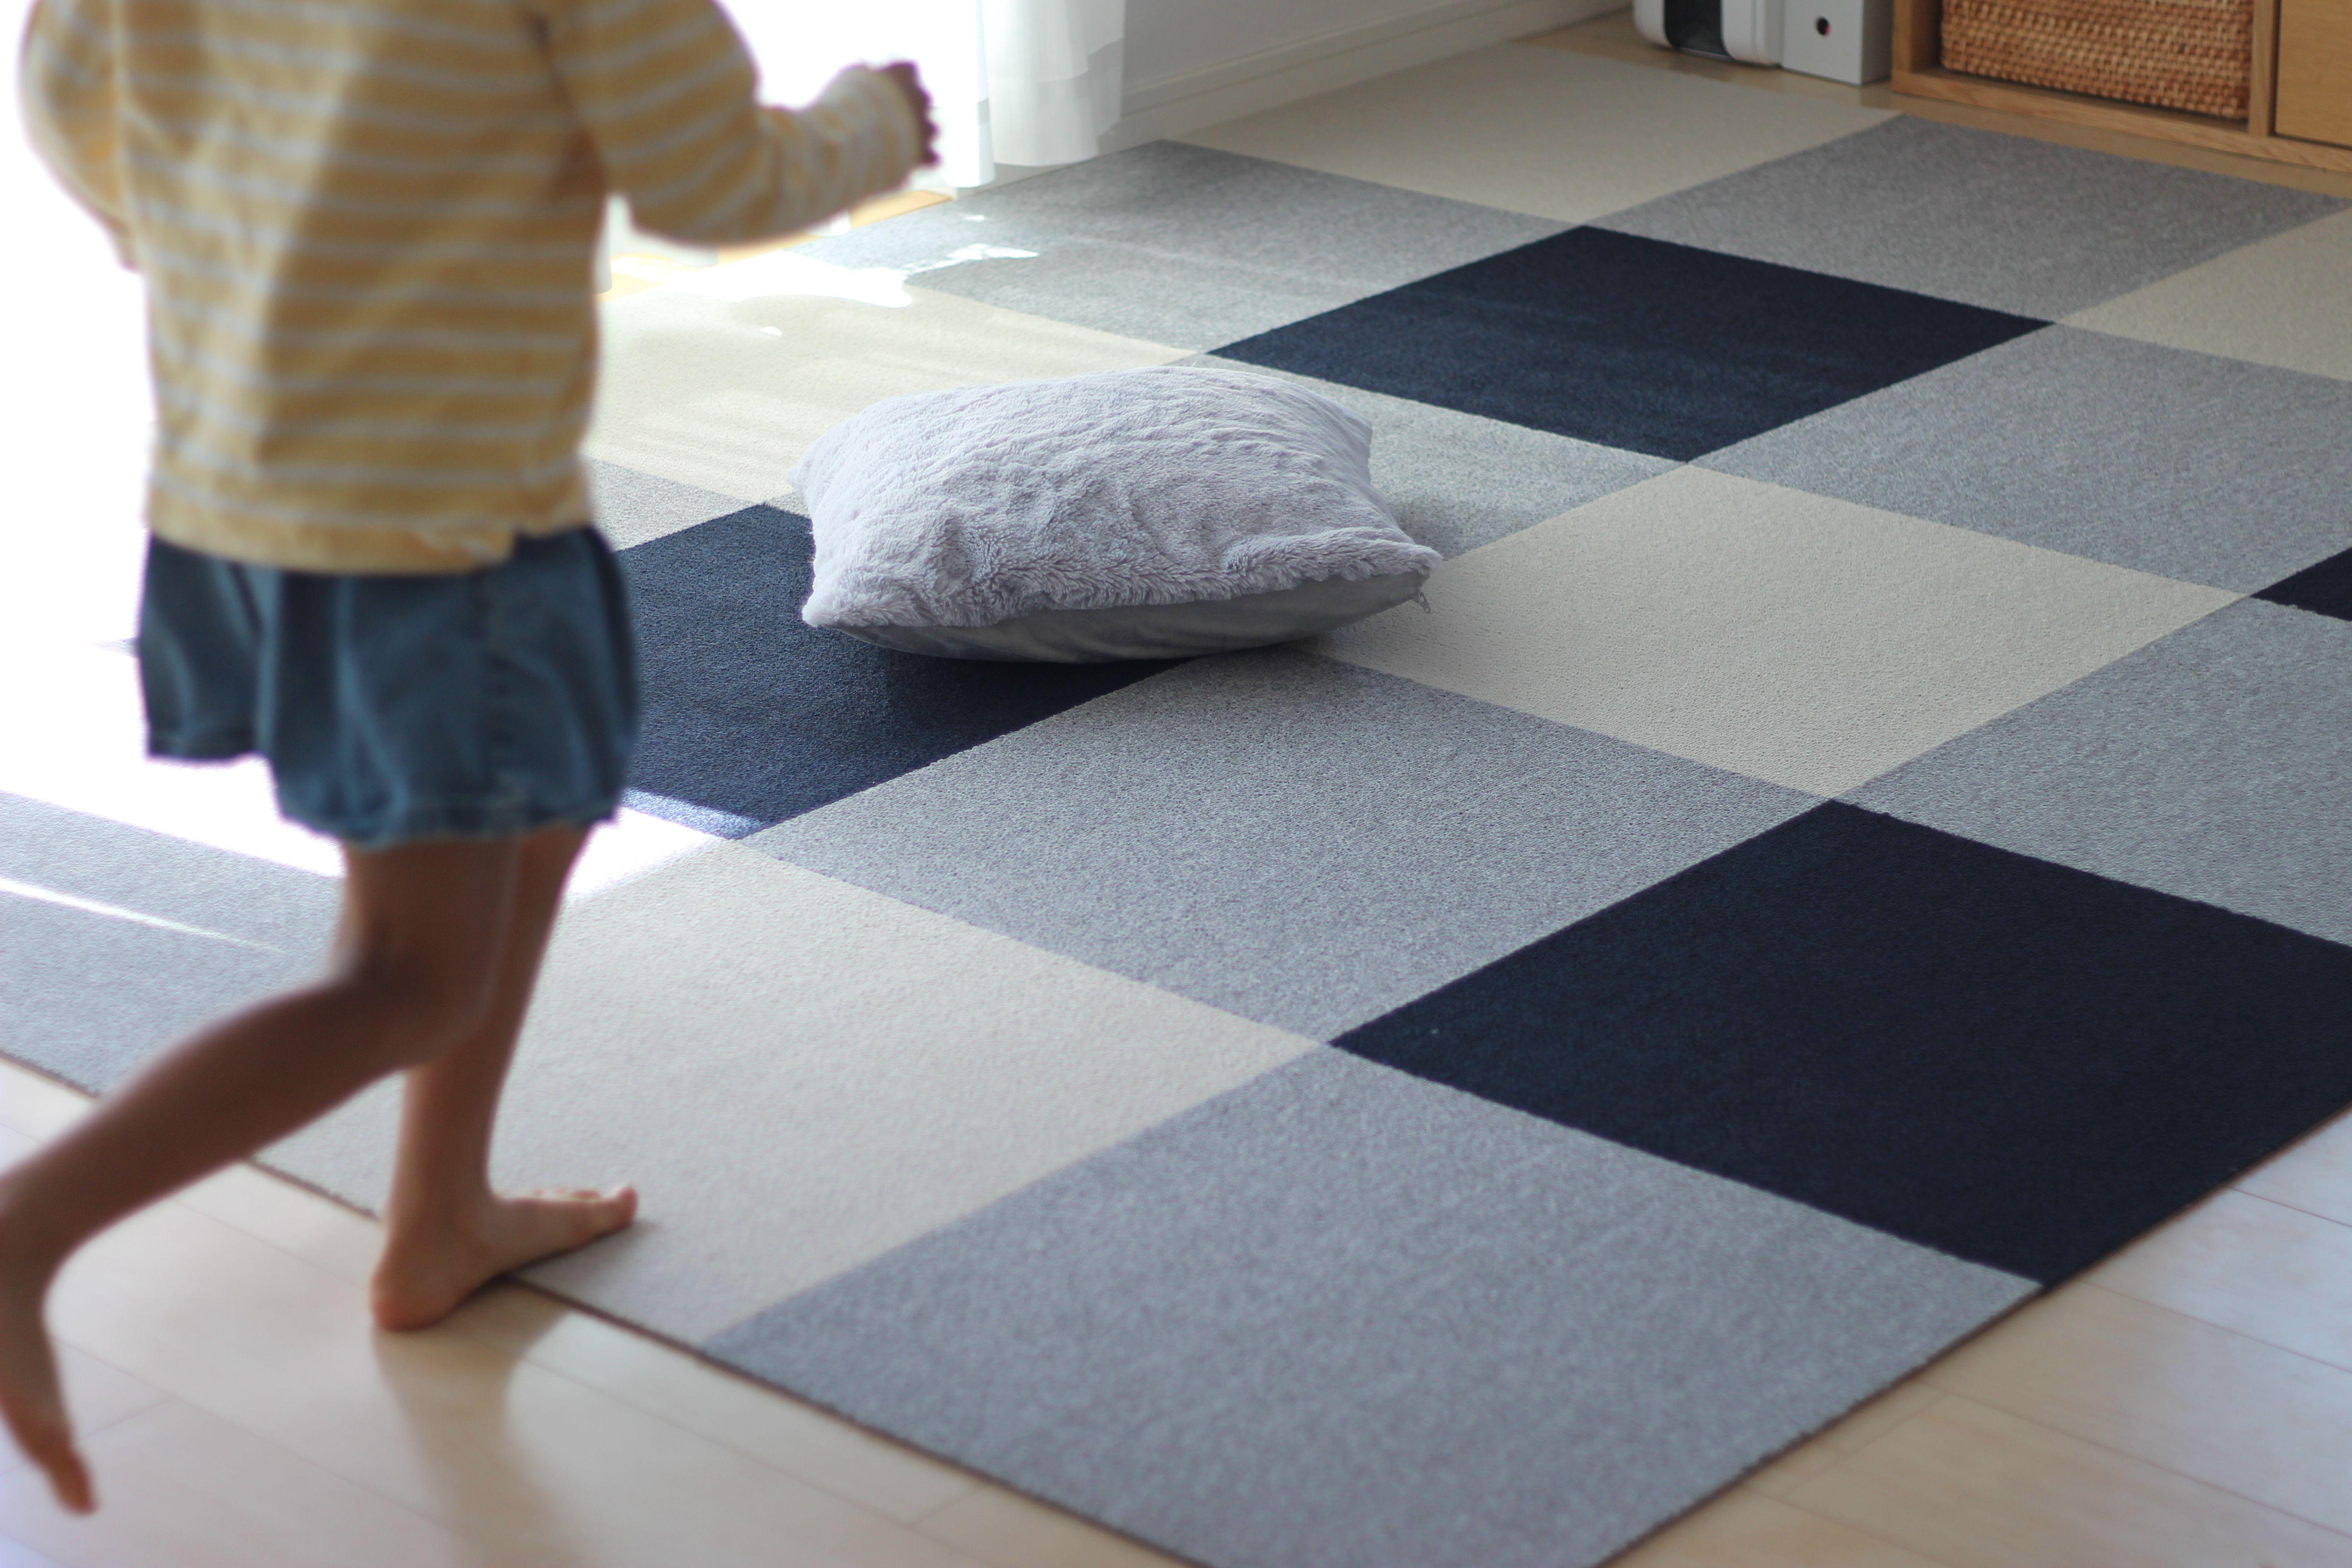 タイルカーペット の可能性は無限大 手入れもしやすく見た目もオシャレ Sumai 日刊住まい タイルカーペット カーペット フロアパターン